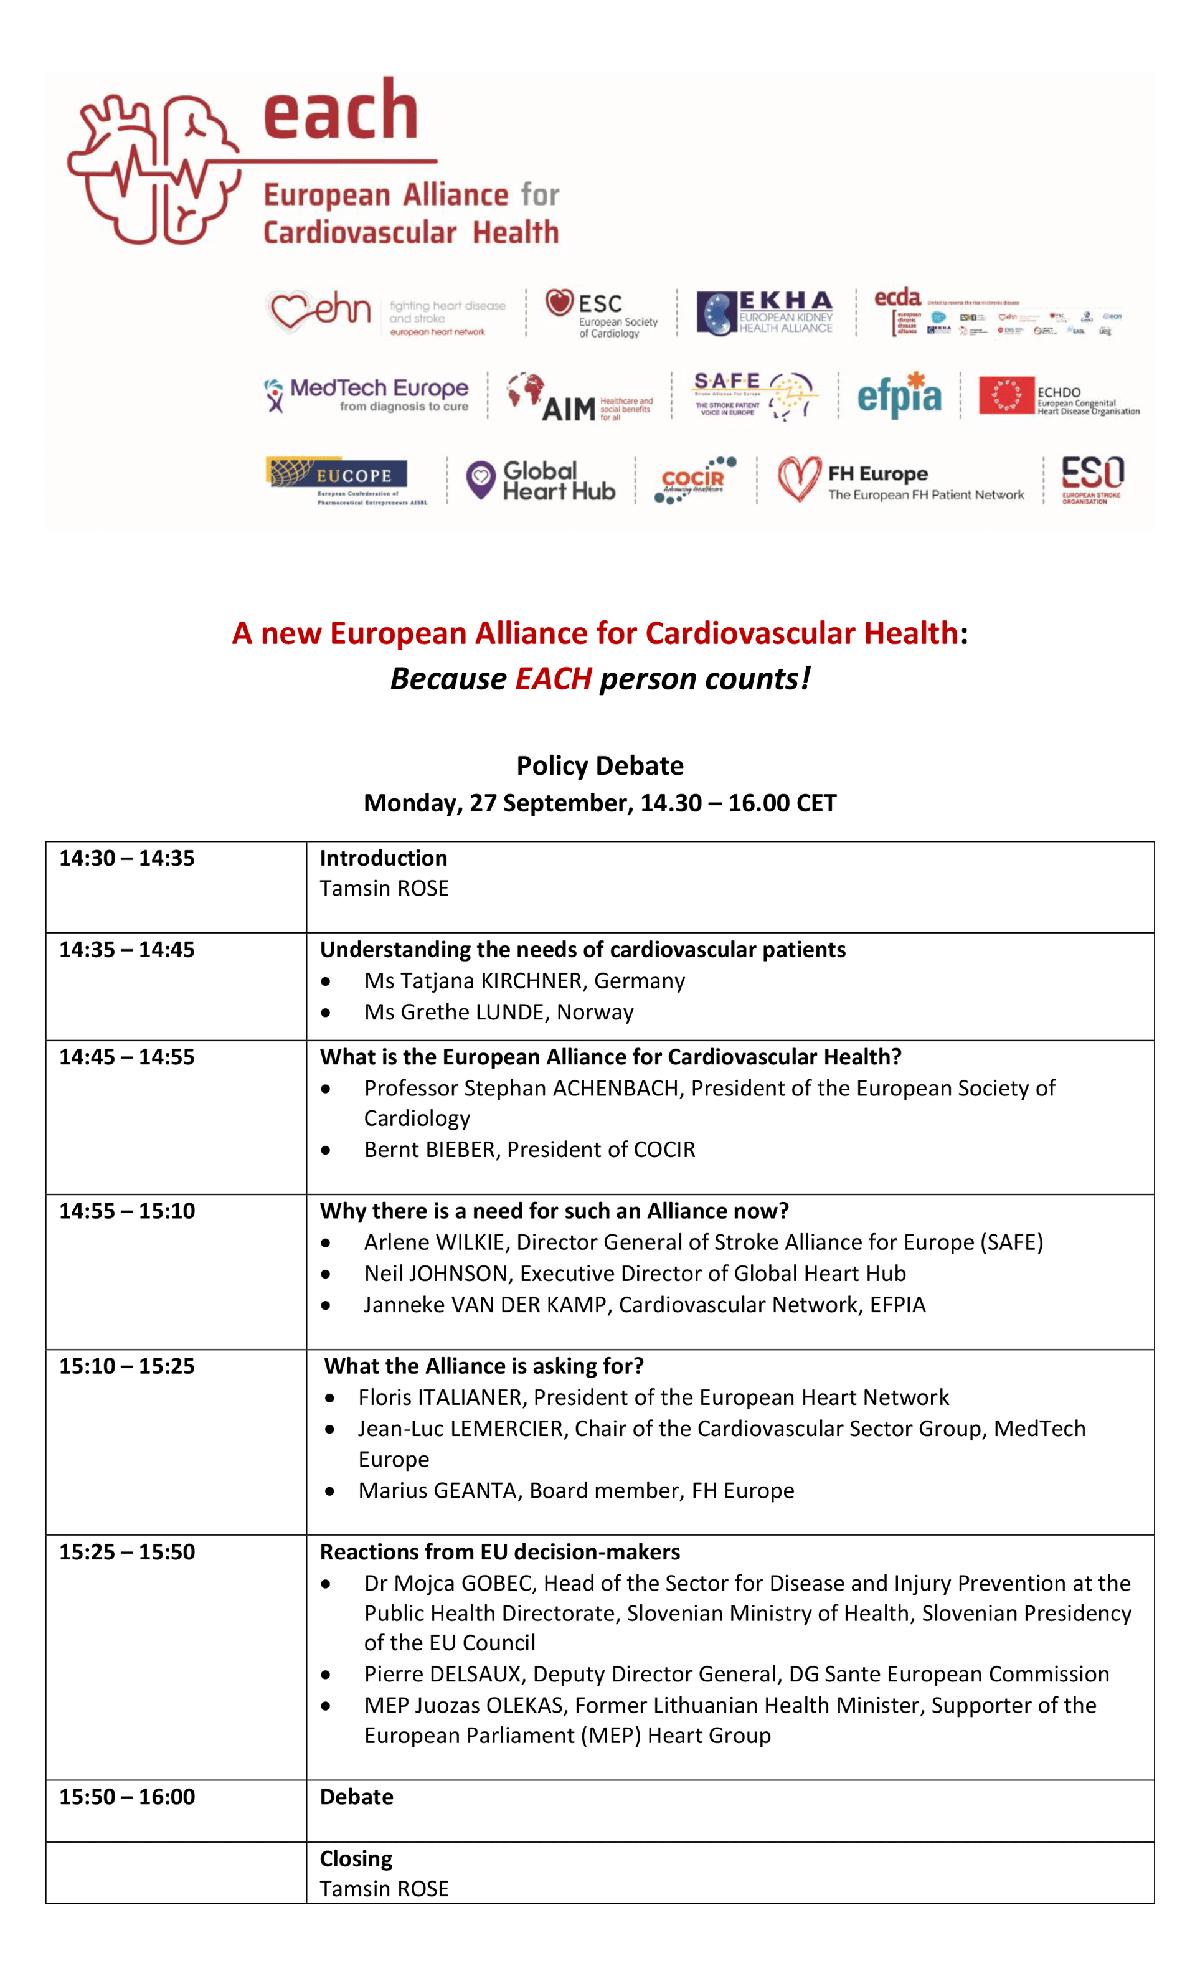 Cardiovascular Health Alliance Launch - EACH